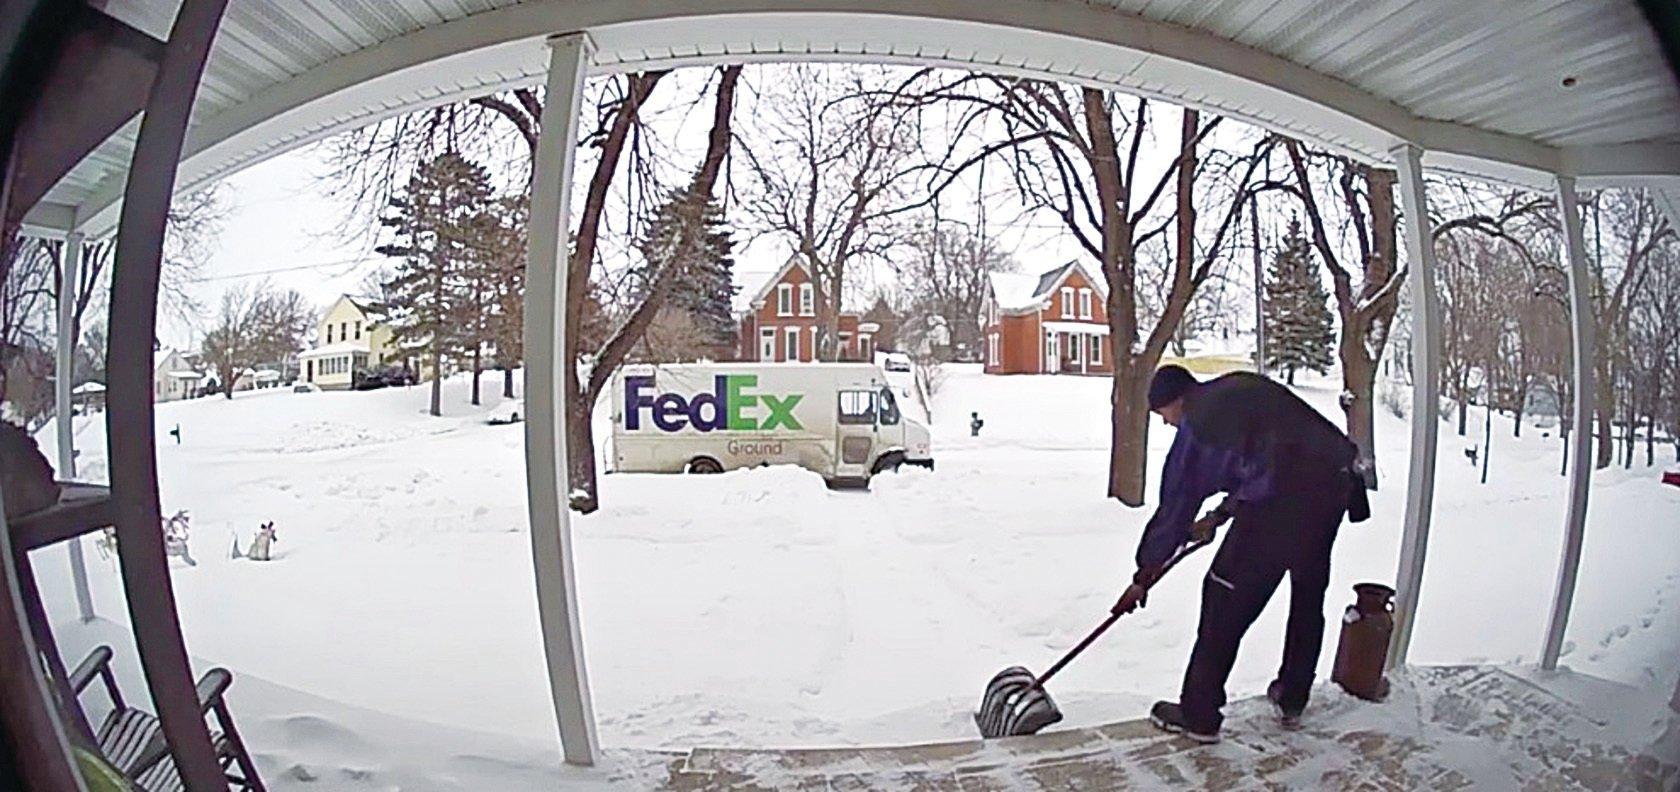 (上圖)FedEx司機斯科爾在得知安妮痛失丈夫,還要獨立照顧3個孩子之後,決定暗中幫她做些力所能及的事情。(Leigh Anne Skoda Facebook 影片截圖)